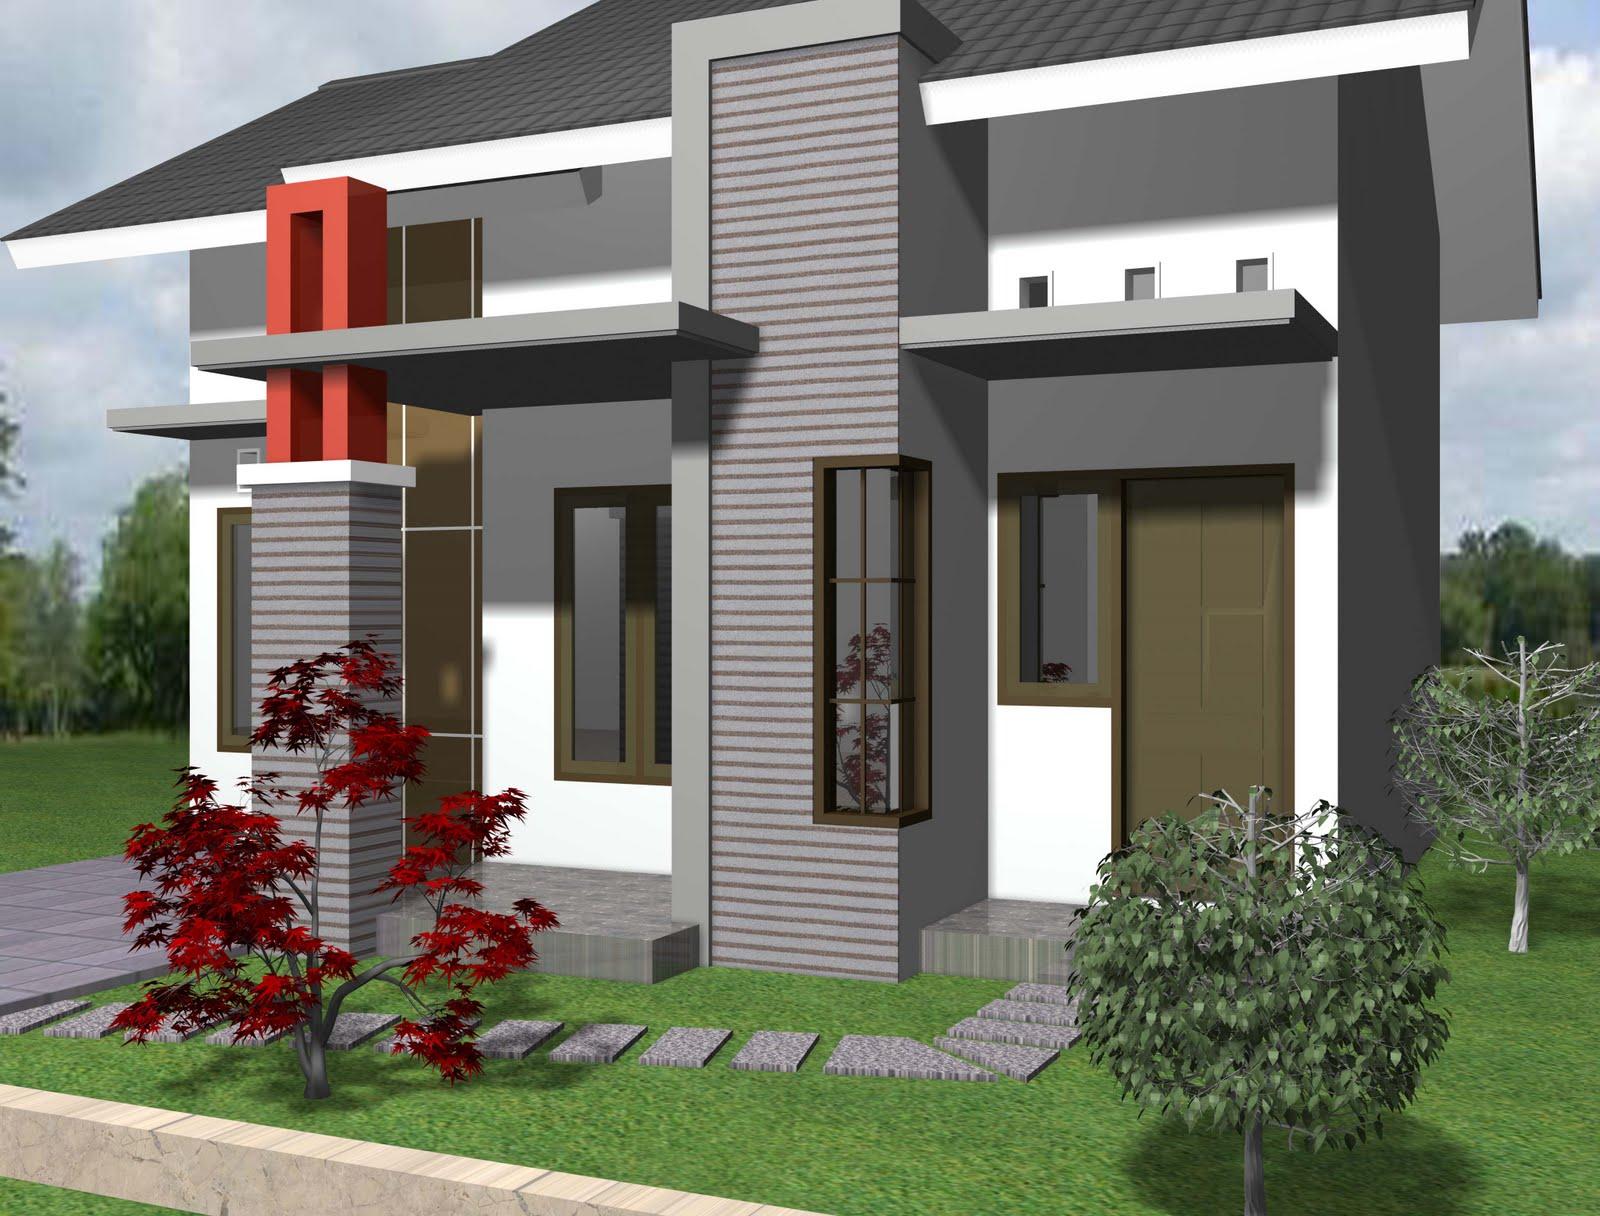 Desain Rumah Minimalis Type 21 Terbaru 2014 Aga Kewl